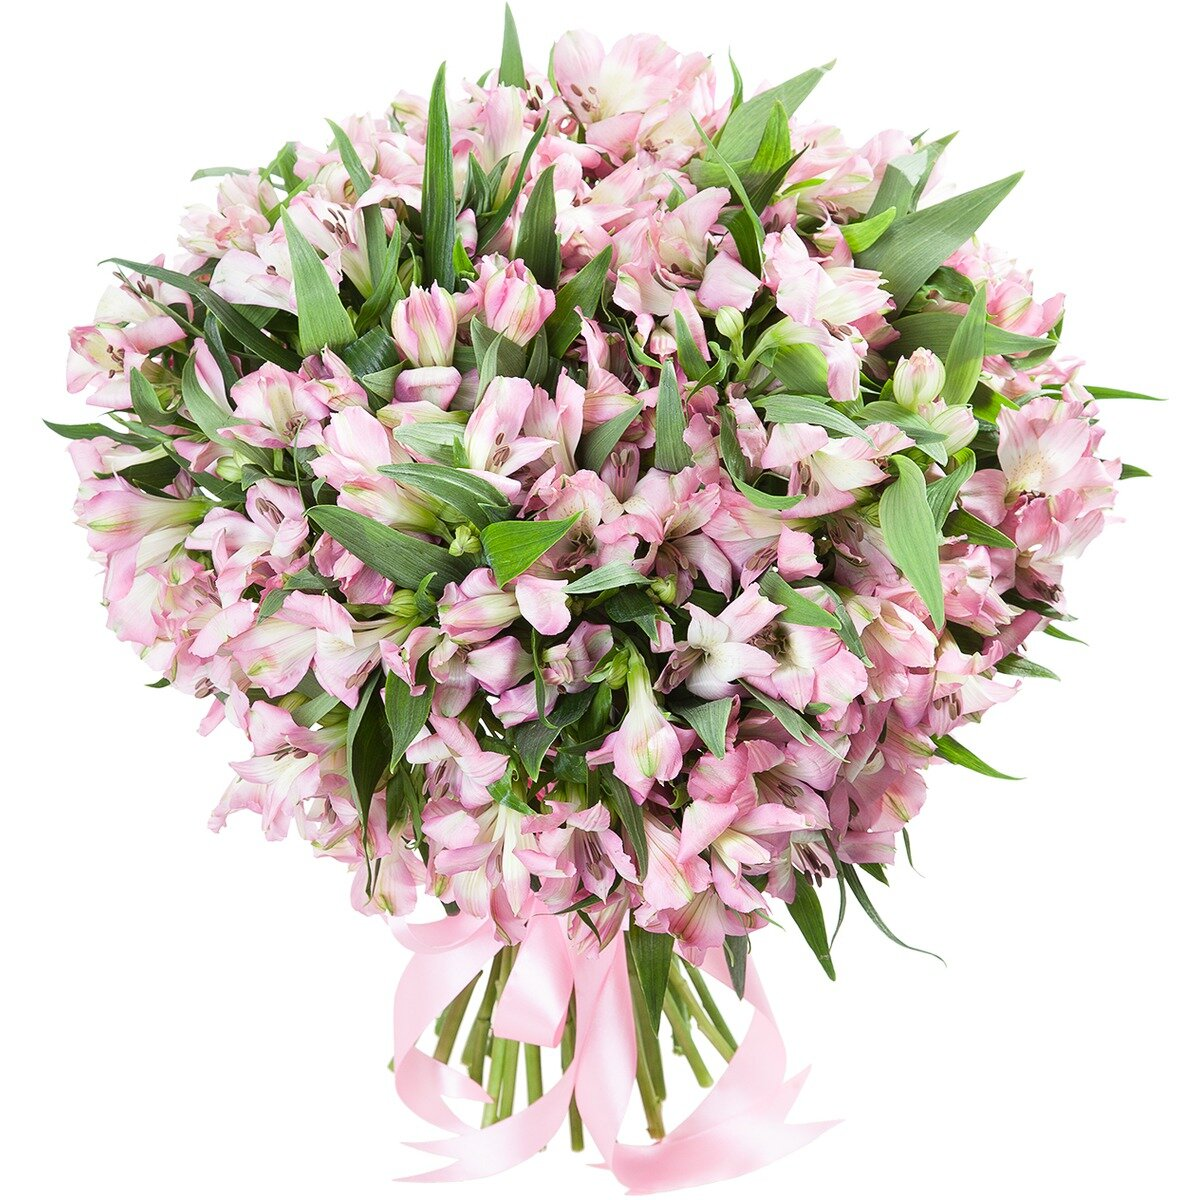 Цветы купить формат, доставка митино